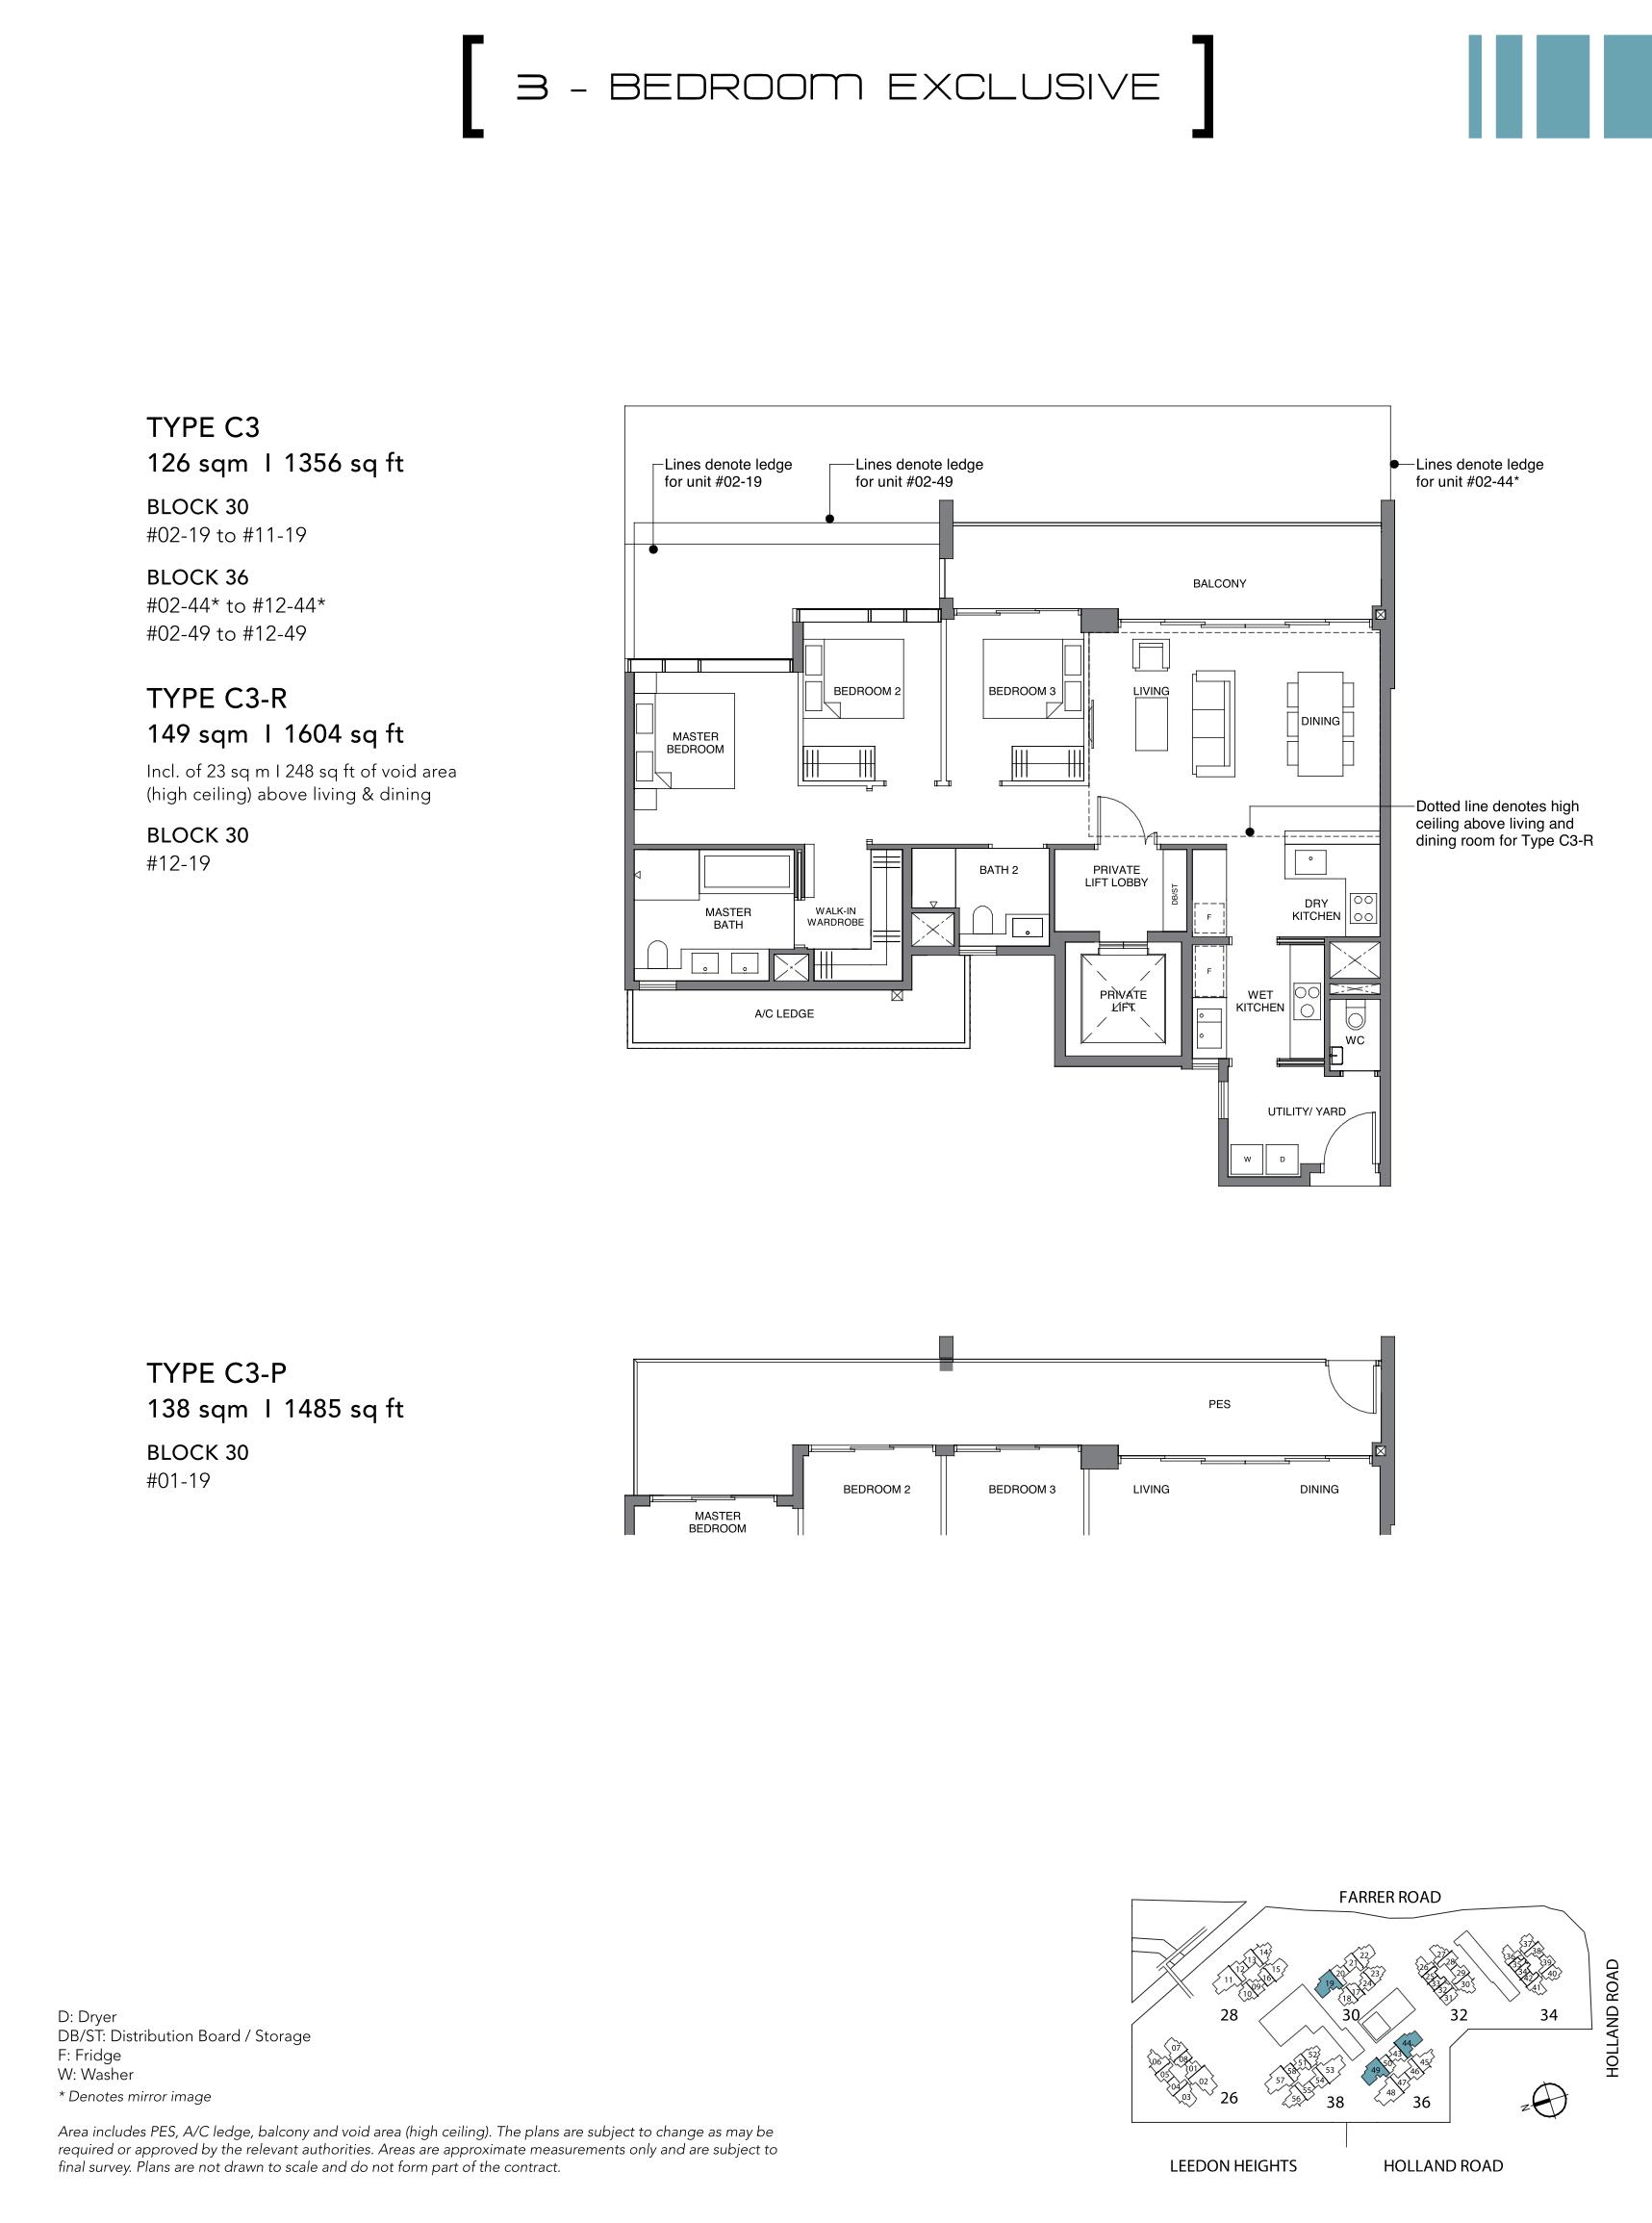 绿墩雅苑公寓户型图 Leedon Green floor plan 3 bedroom exclusive c3